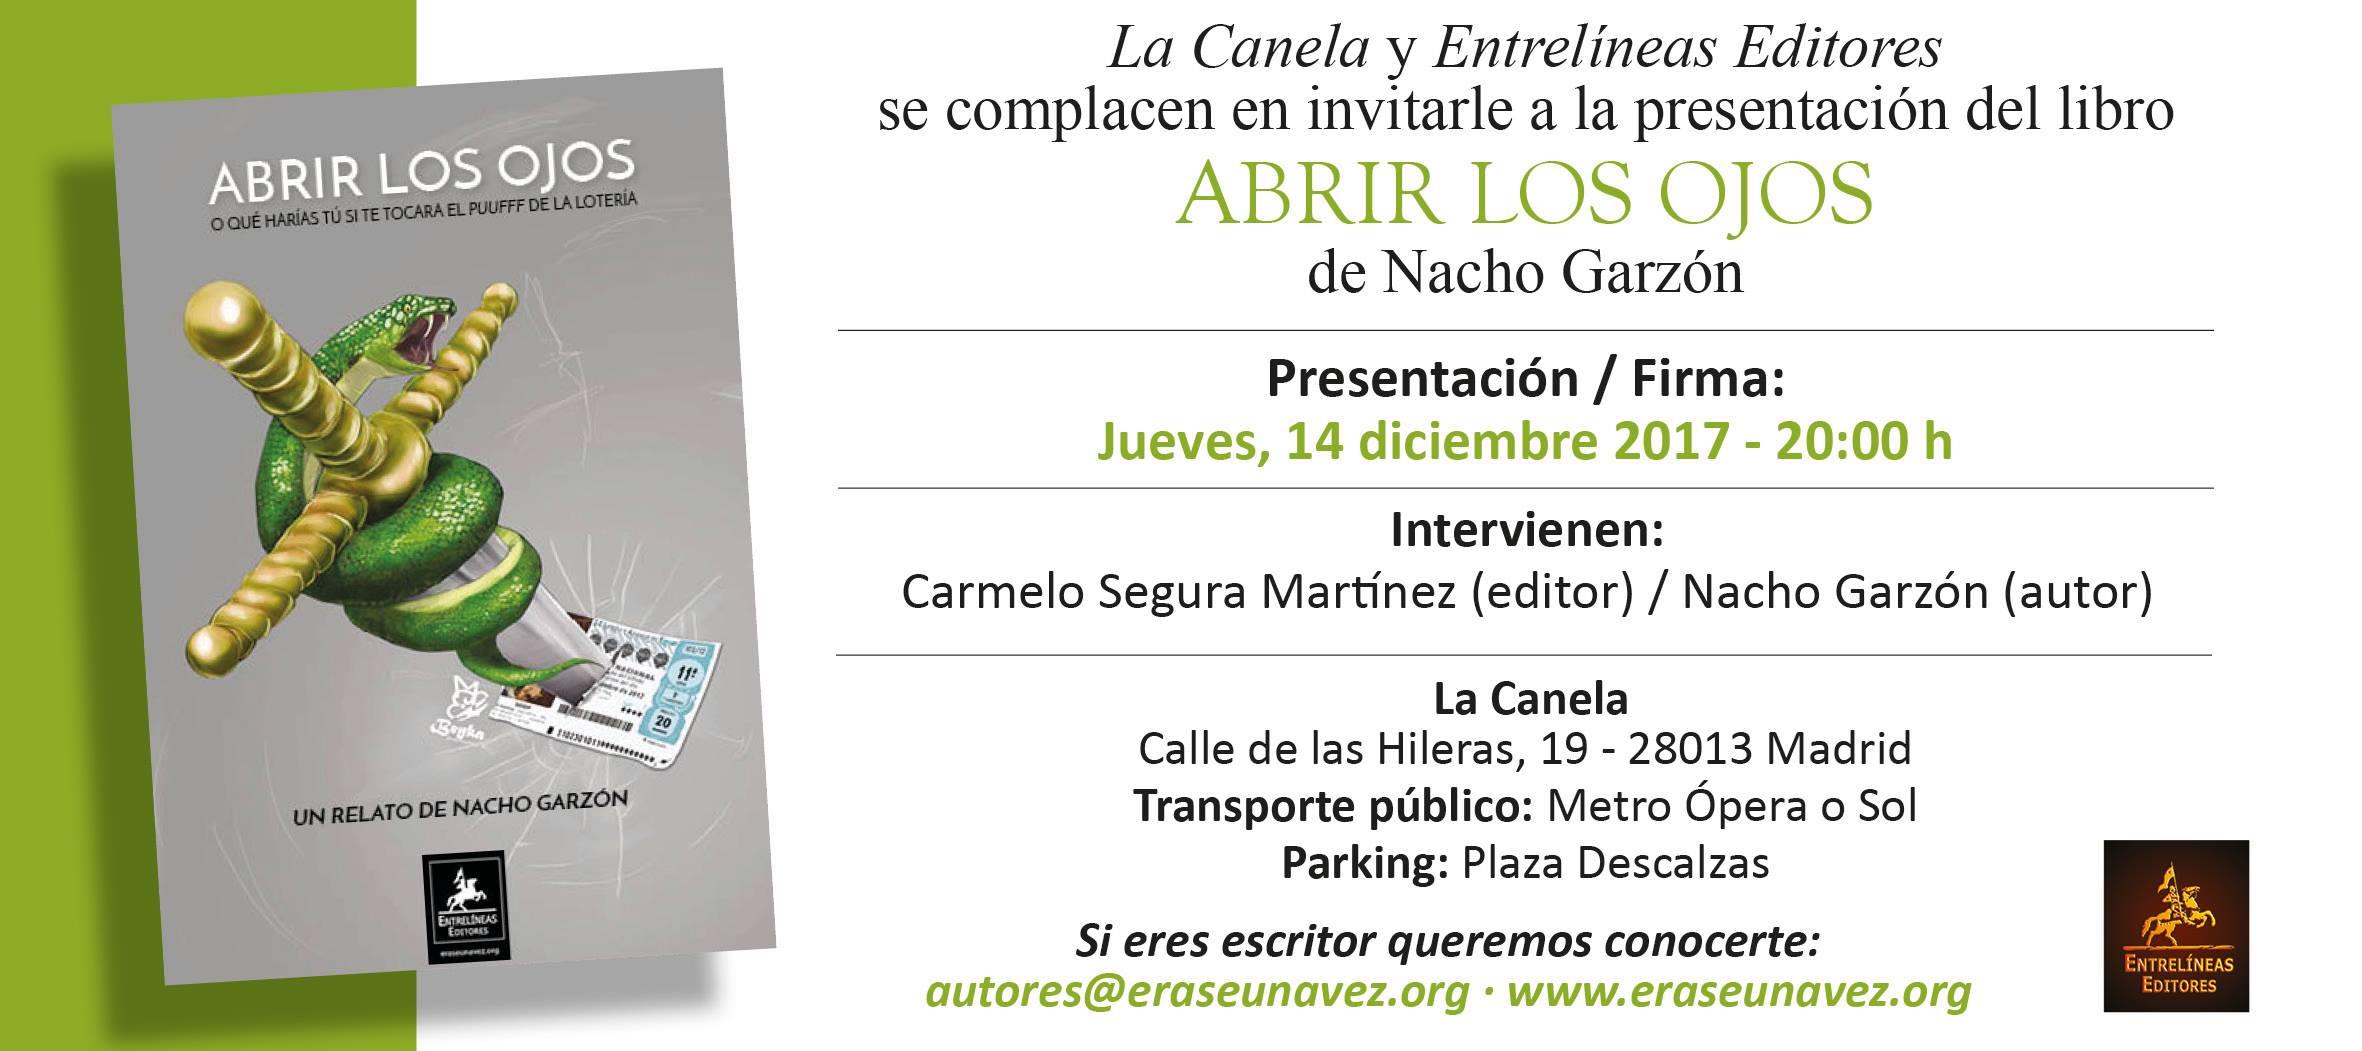 Fecha y portada de la presentación del libro